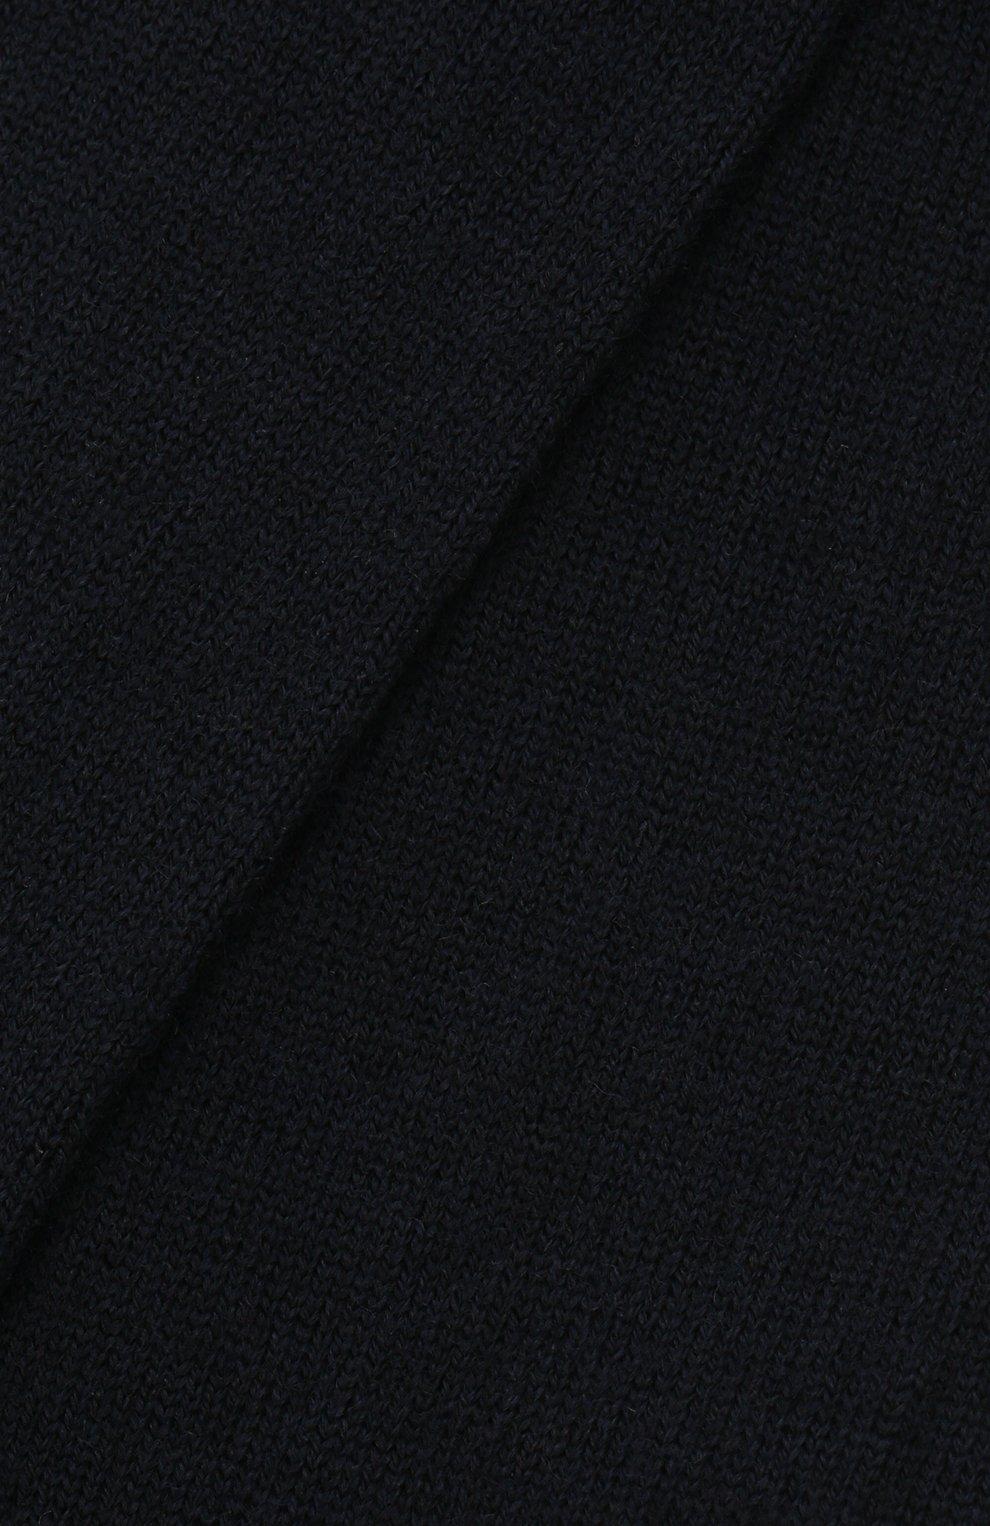 Детские шерстяные колготки LA PERLA синего цвета, арт. 47118/1-3 | Фото 2 (Материал: Шерсть)